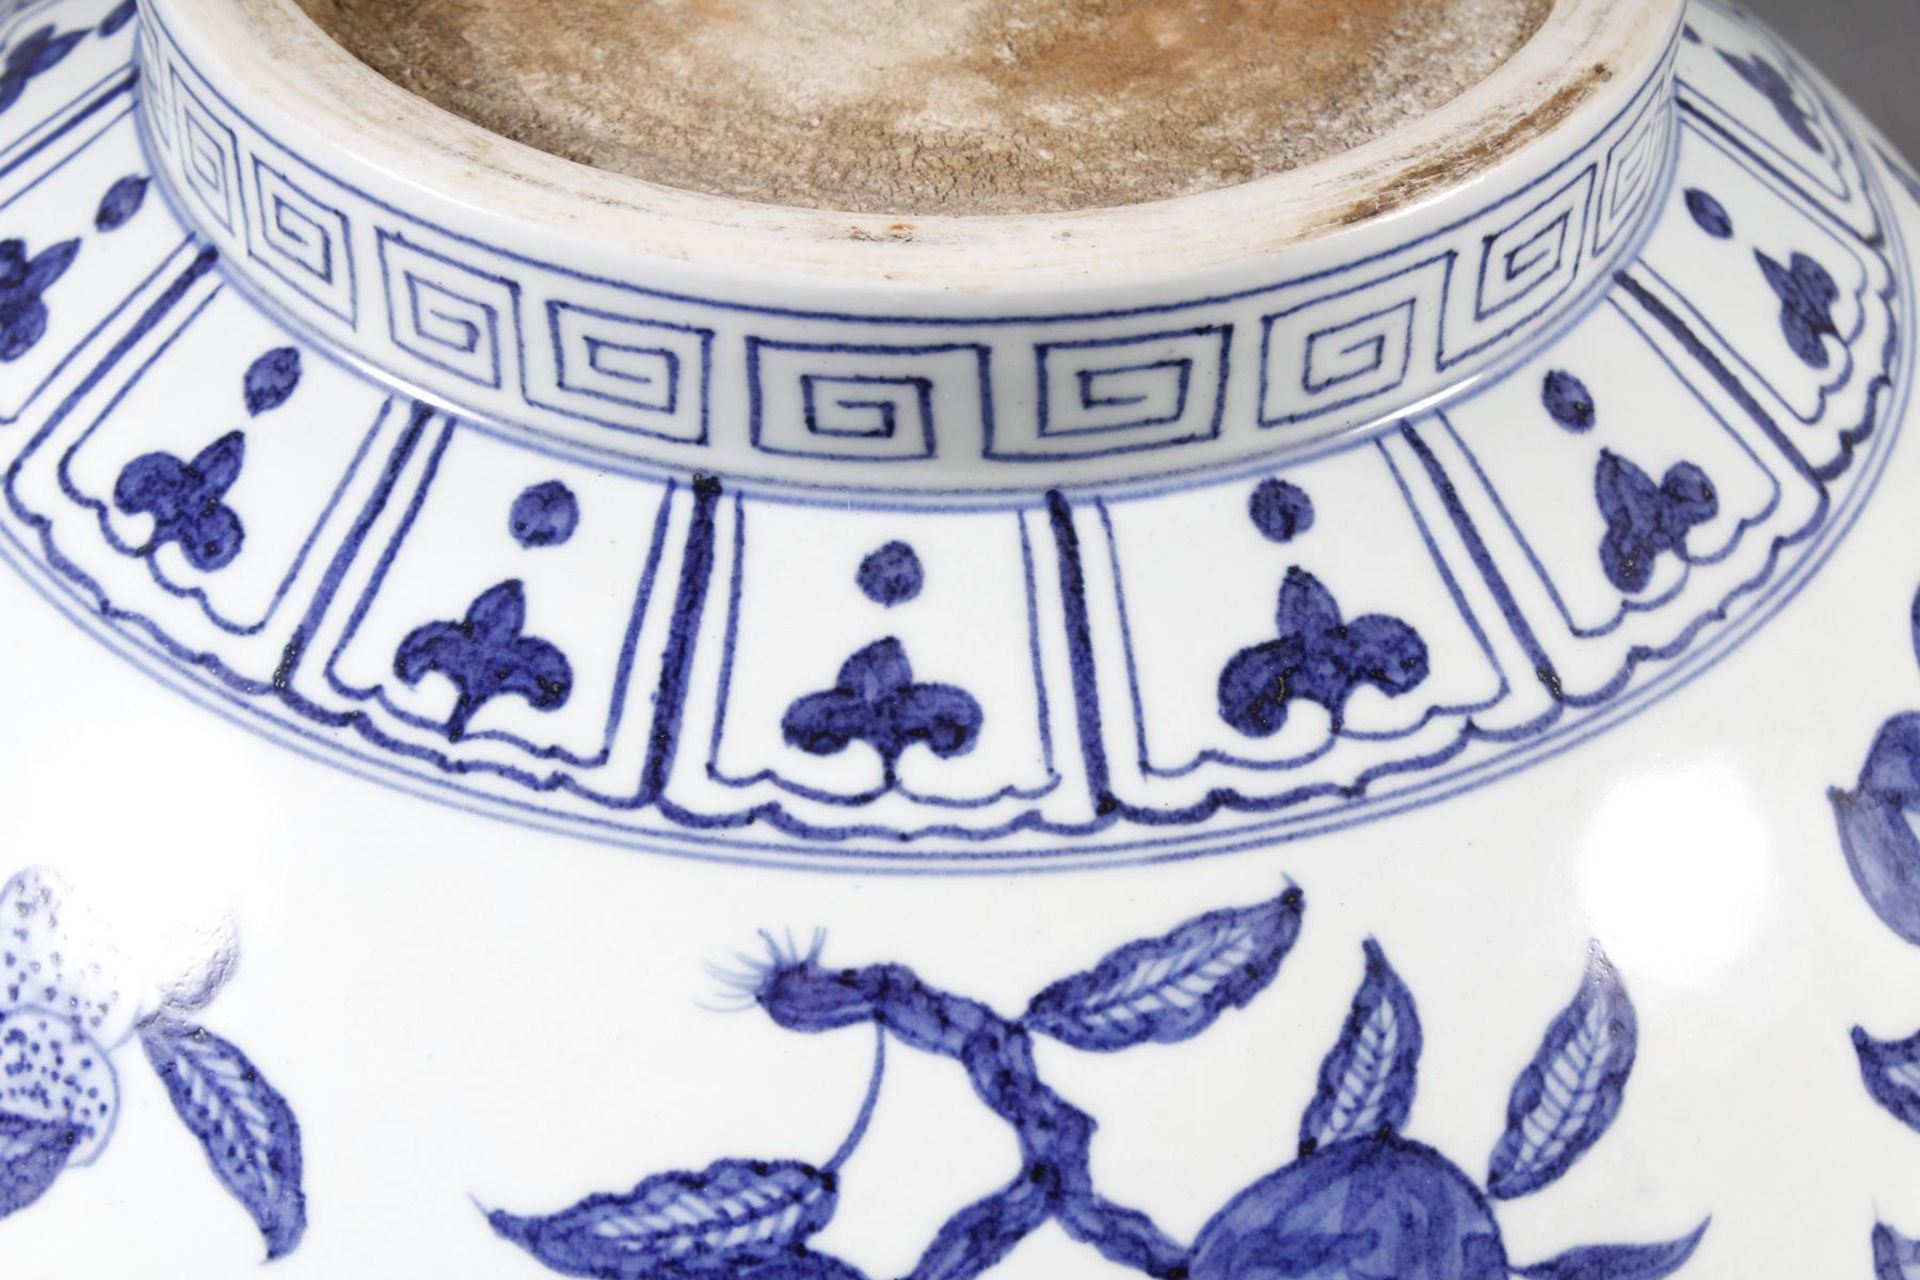 Große Porzellanschüssel, China, Hsüan-tê Marke - Bild 15 aus 17